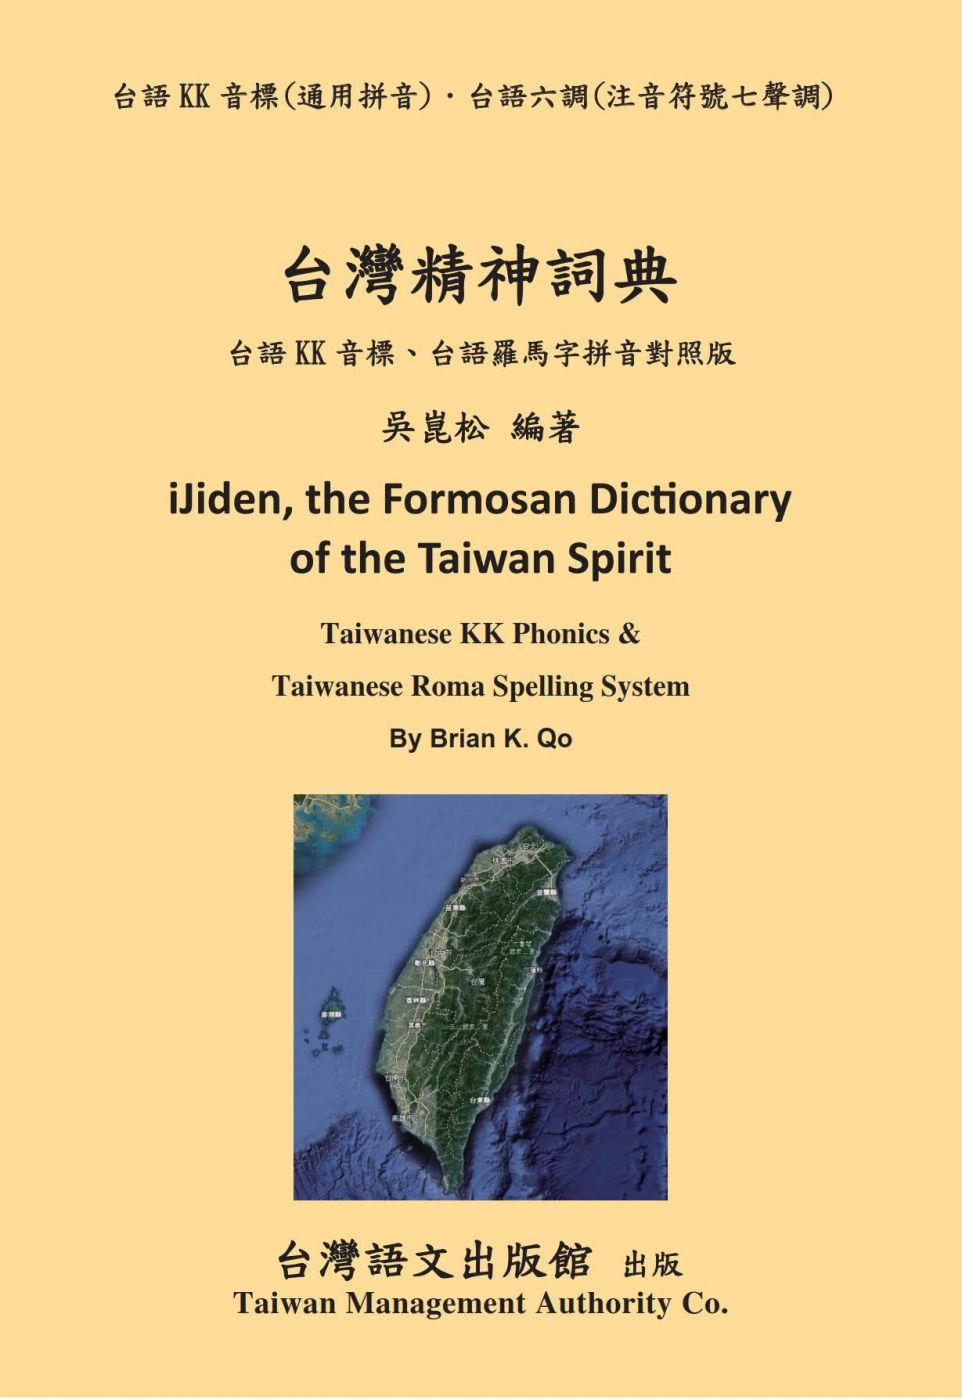 台灣精神詞典